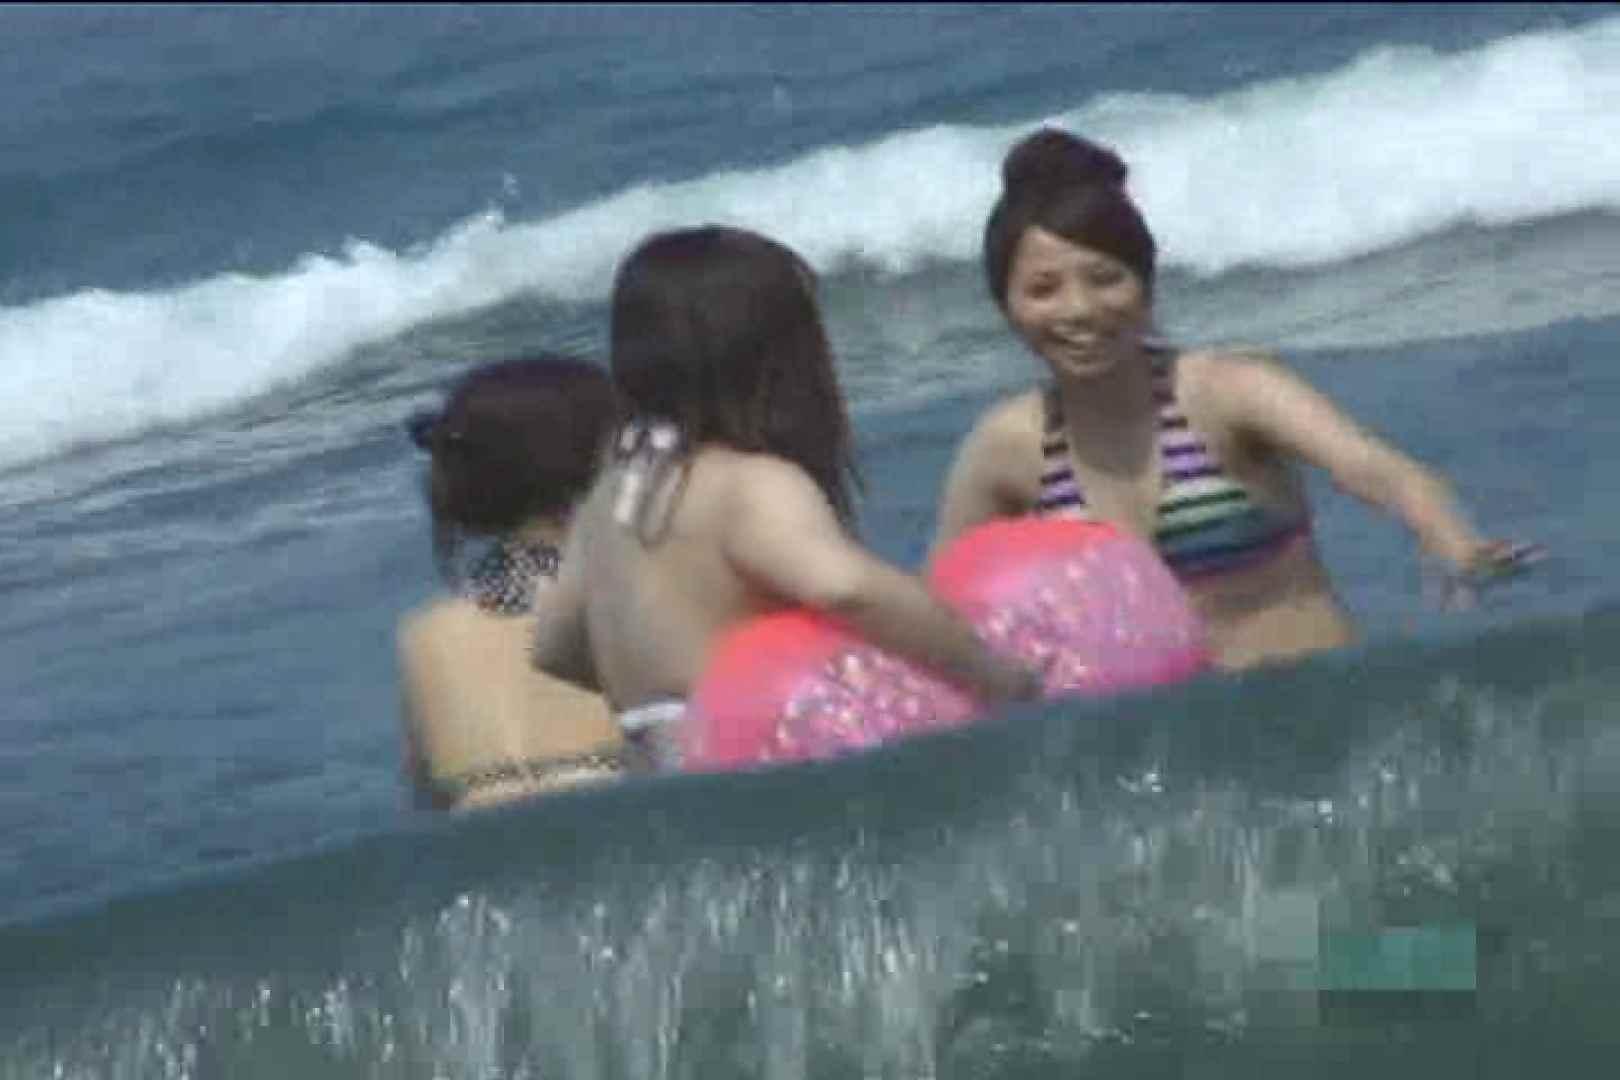 真夏のビーチは危険地帯Vol.3 ギャルのエロ動画  79画像 30